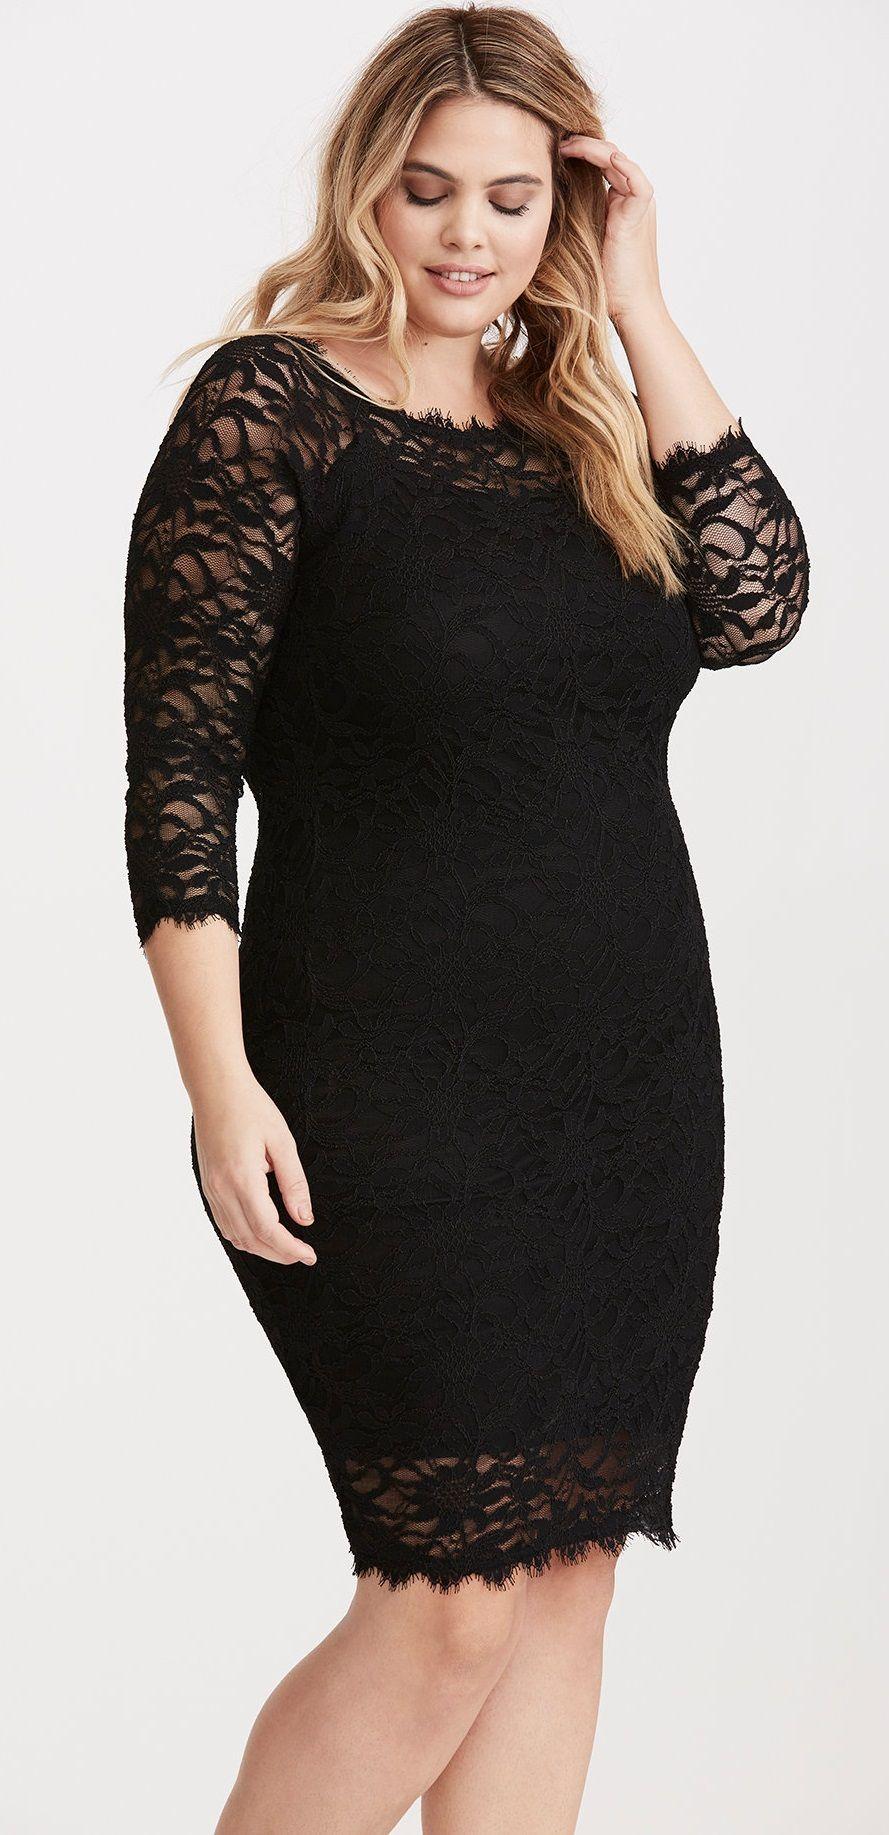 plus size lace off shoulder bodycon dress | plus size fashion